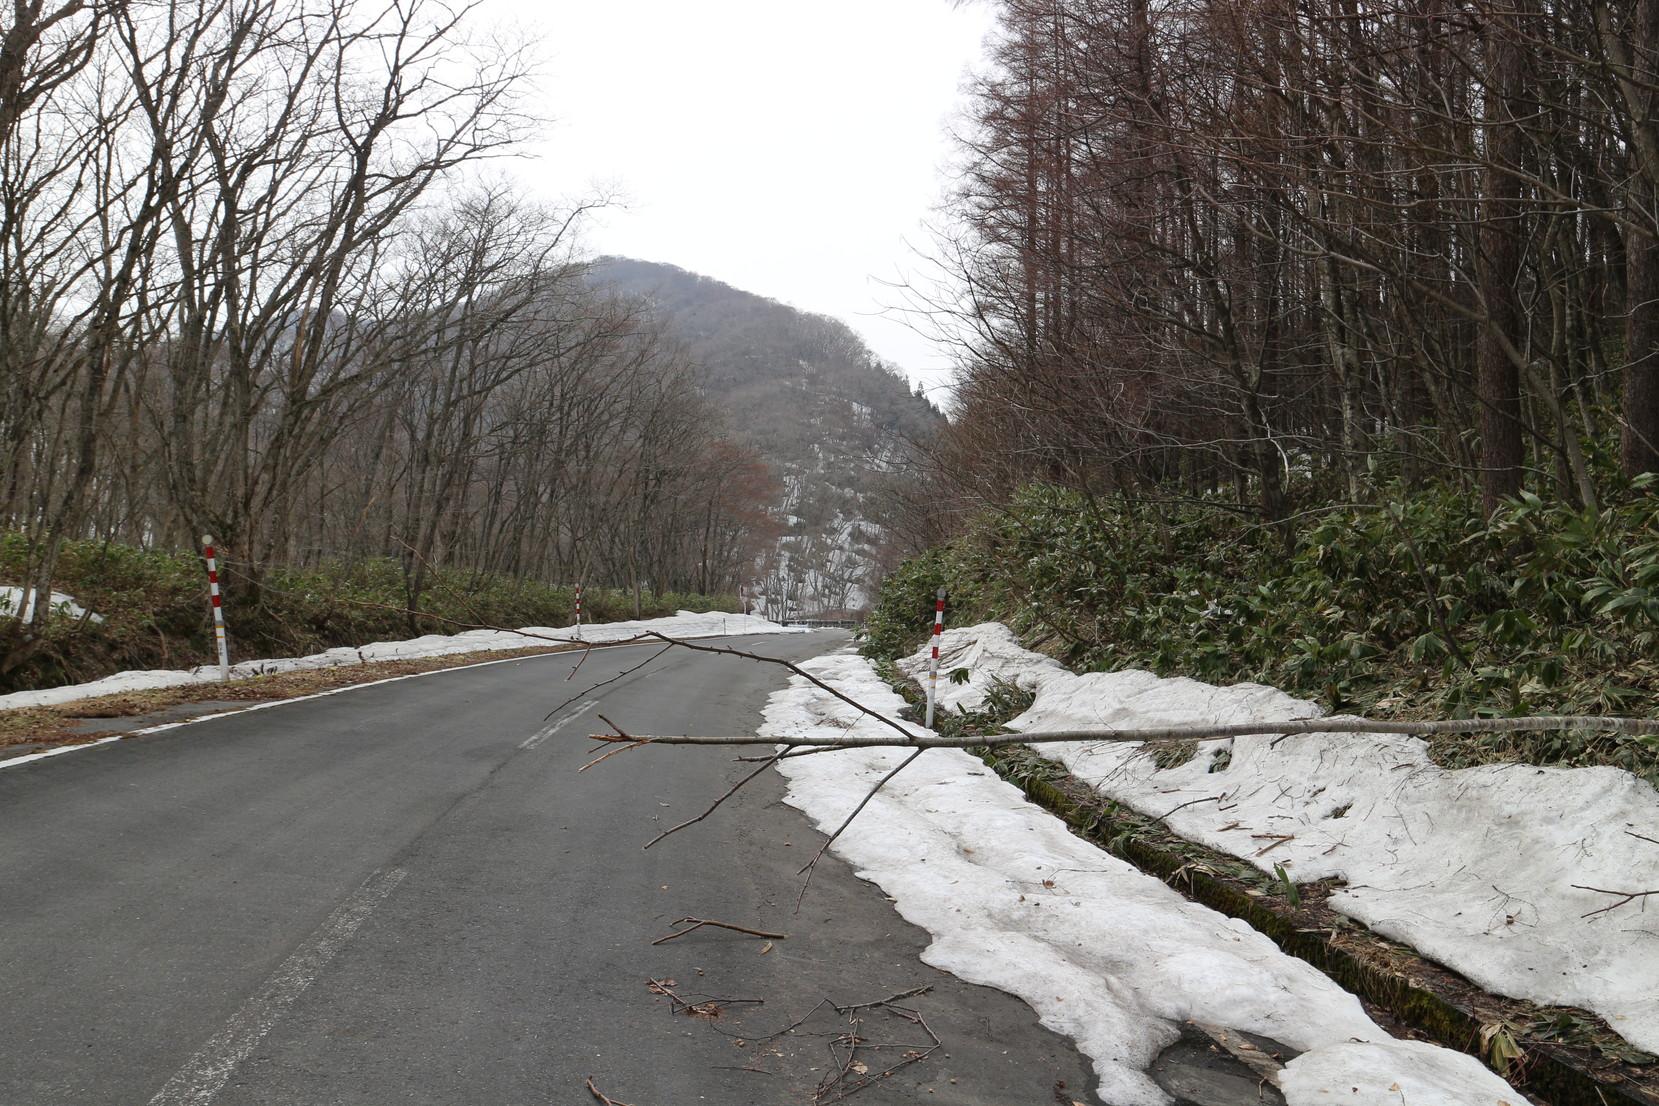 青森県田子町 みろくの滝の様子は?_005